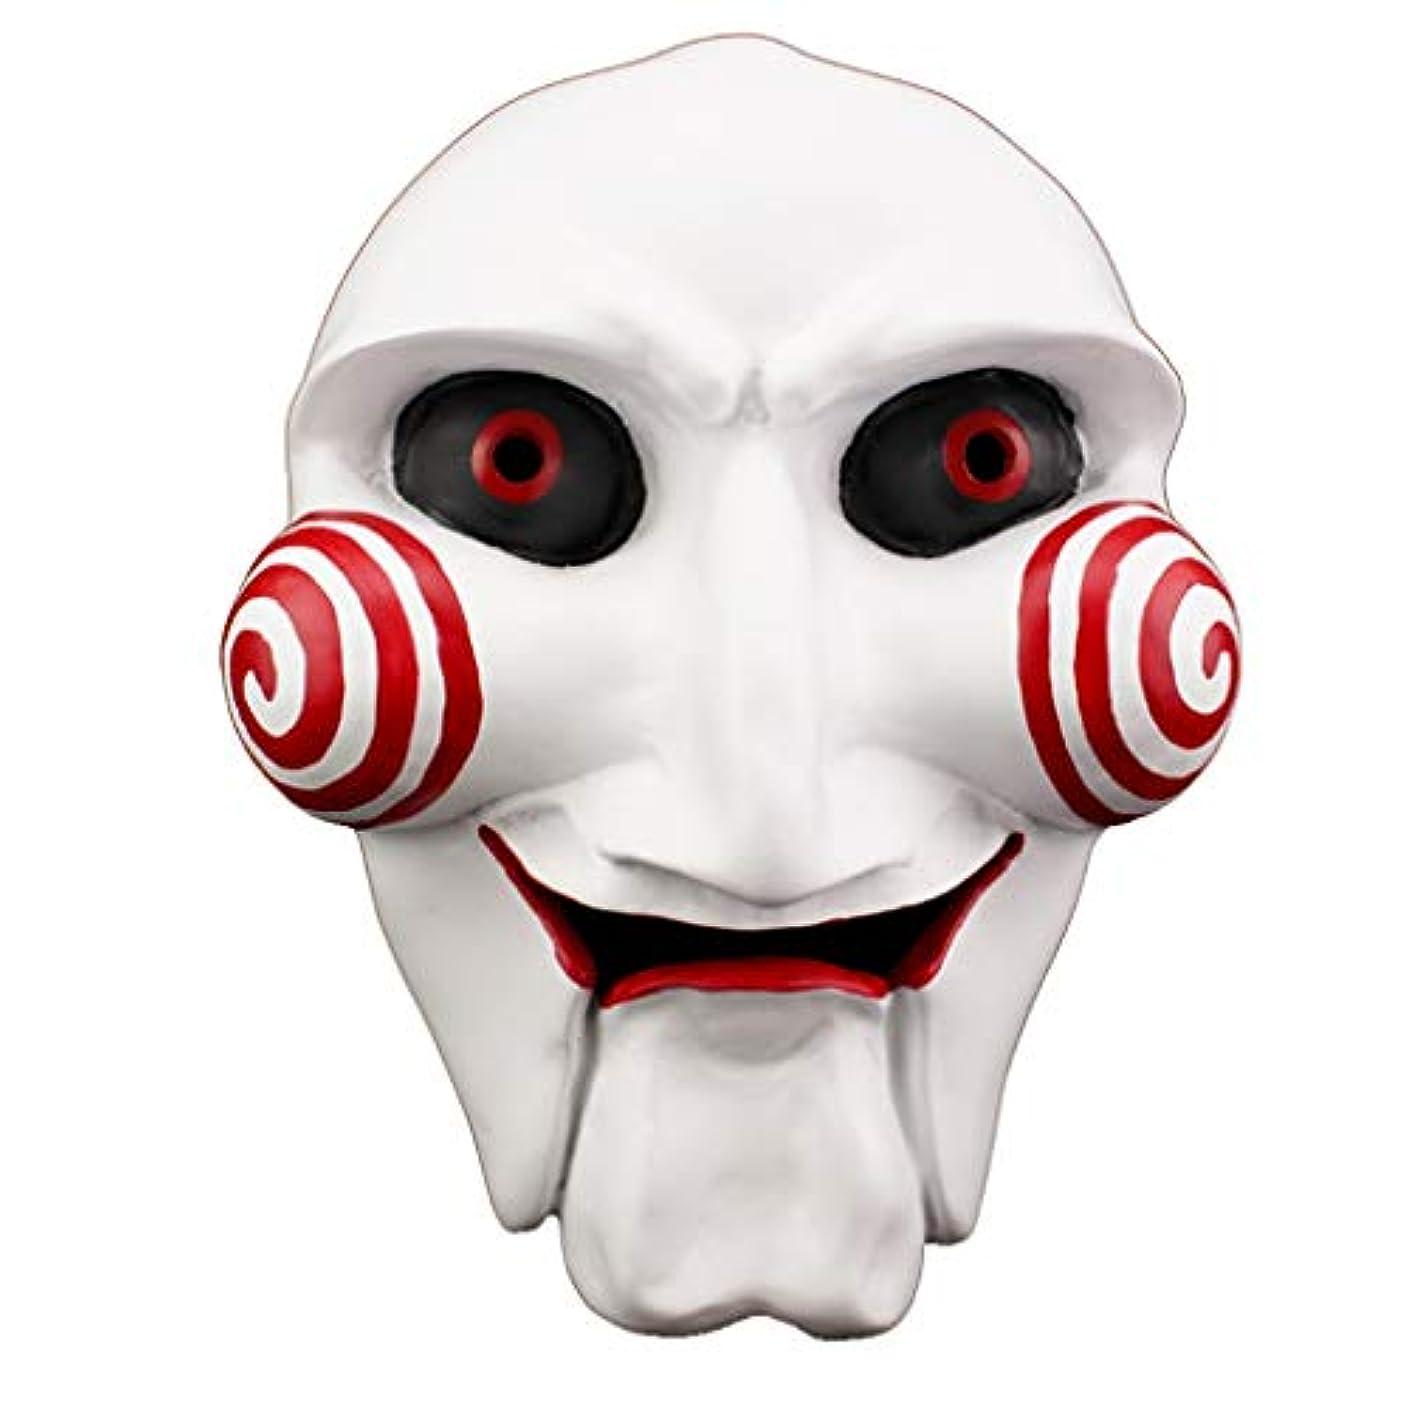 約精査する収益ハロウィンホラーマスク、チェーンソークリプトテーママスクマスカレード樹脂マスク(22.5 * 12 cm)